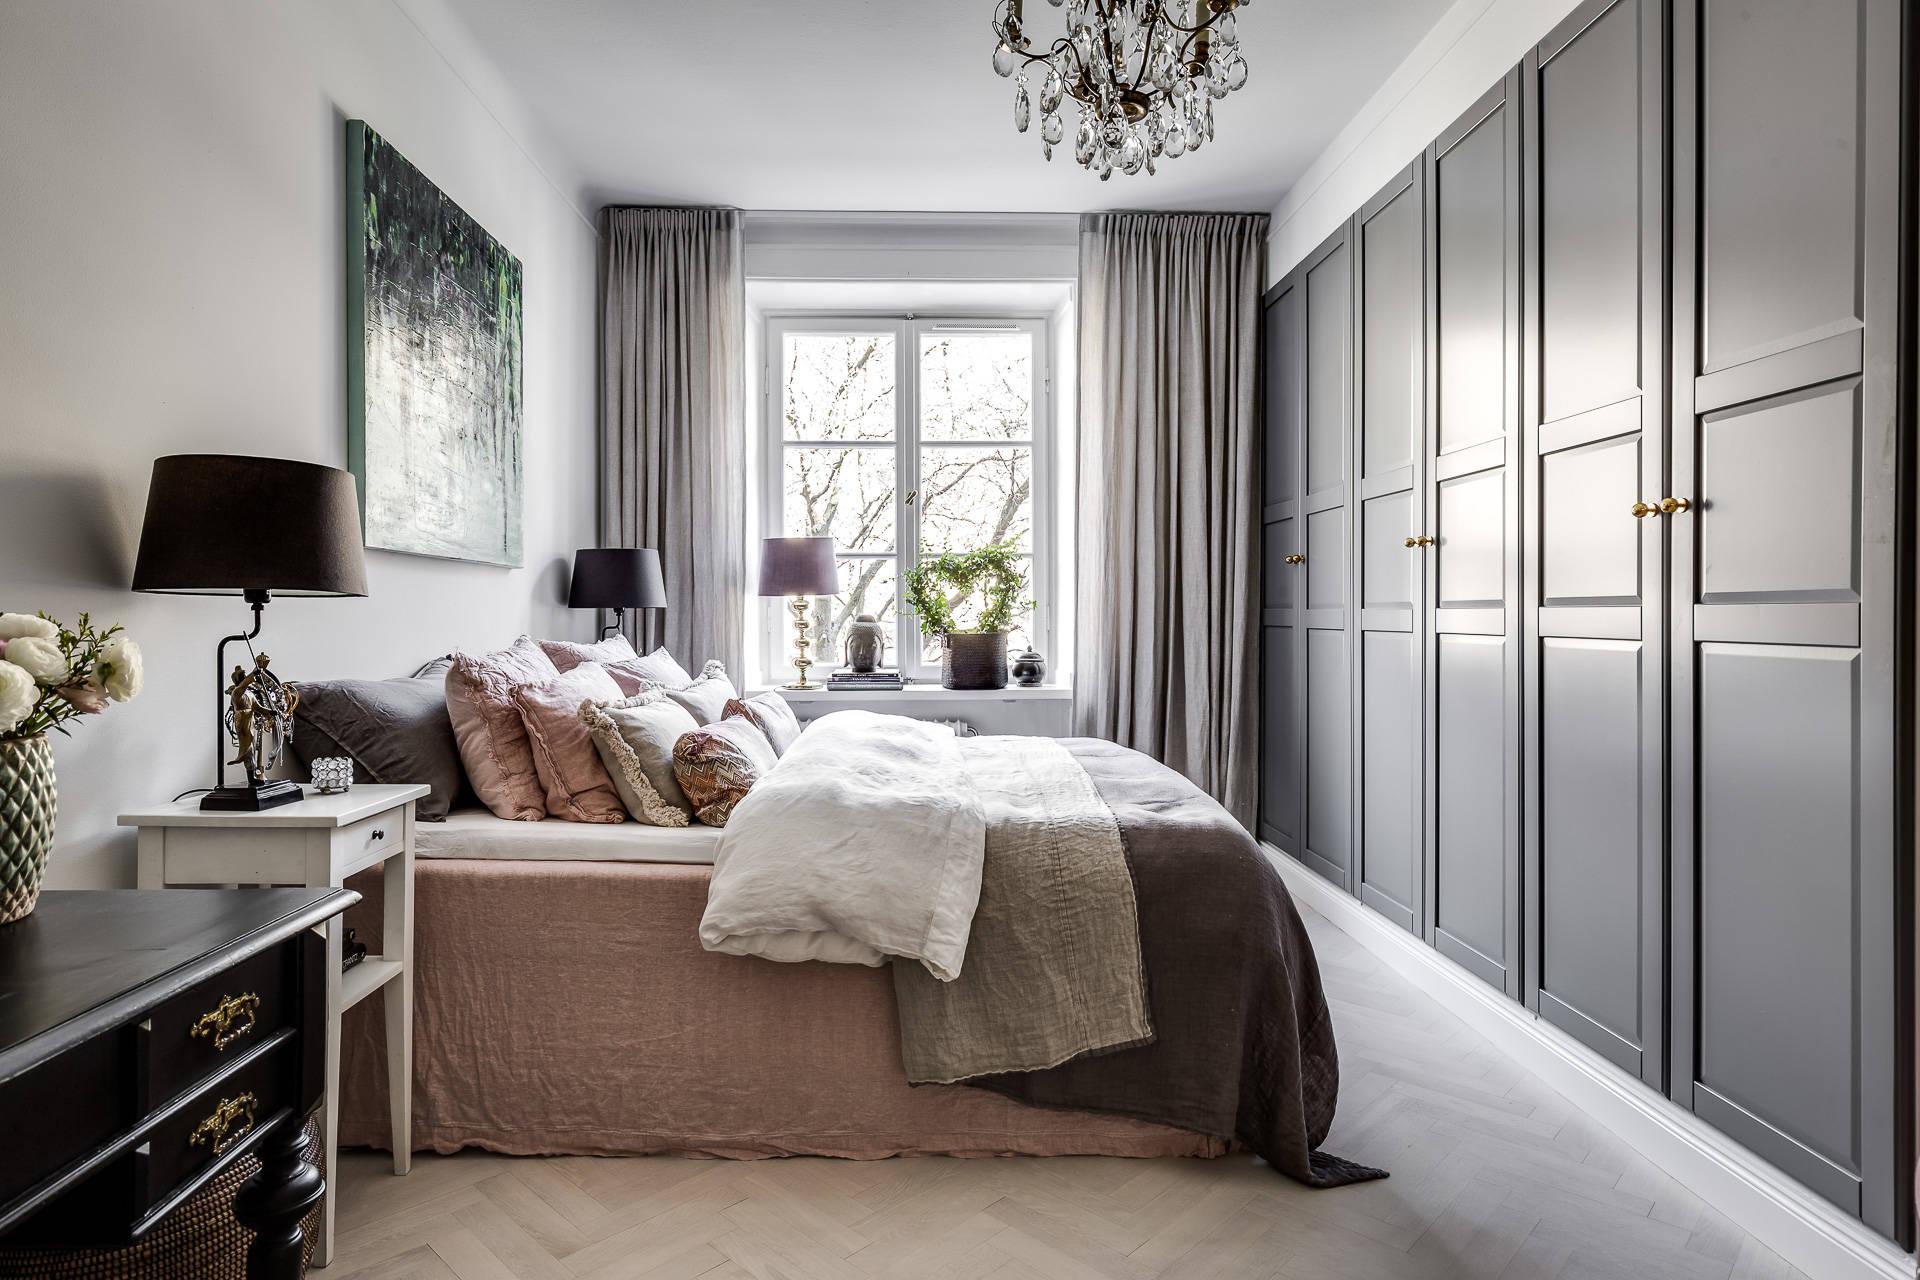 спальня кровать подушки шкаф прикроватный столик